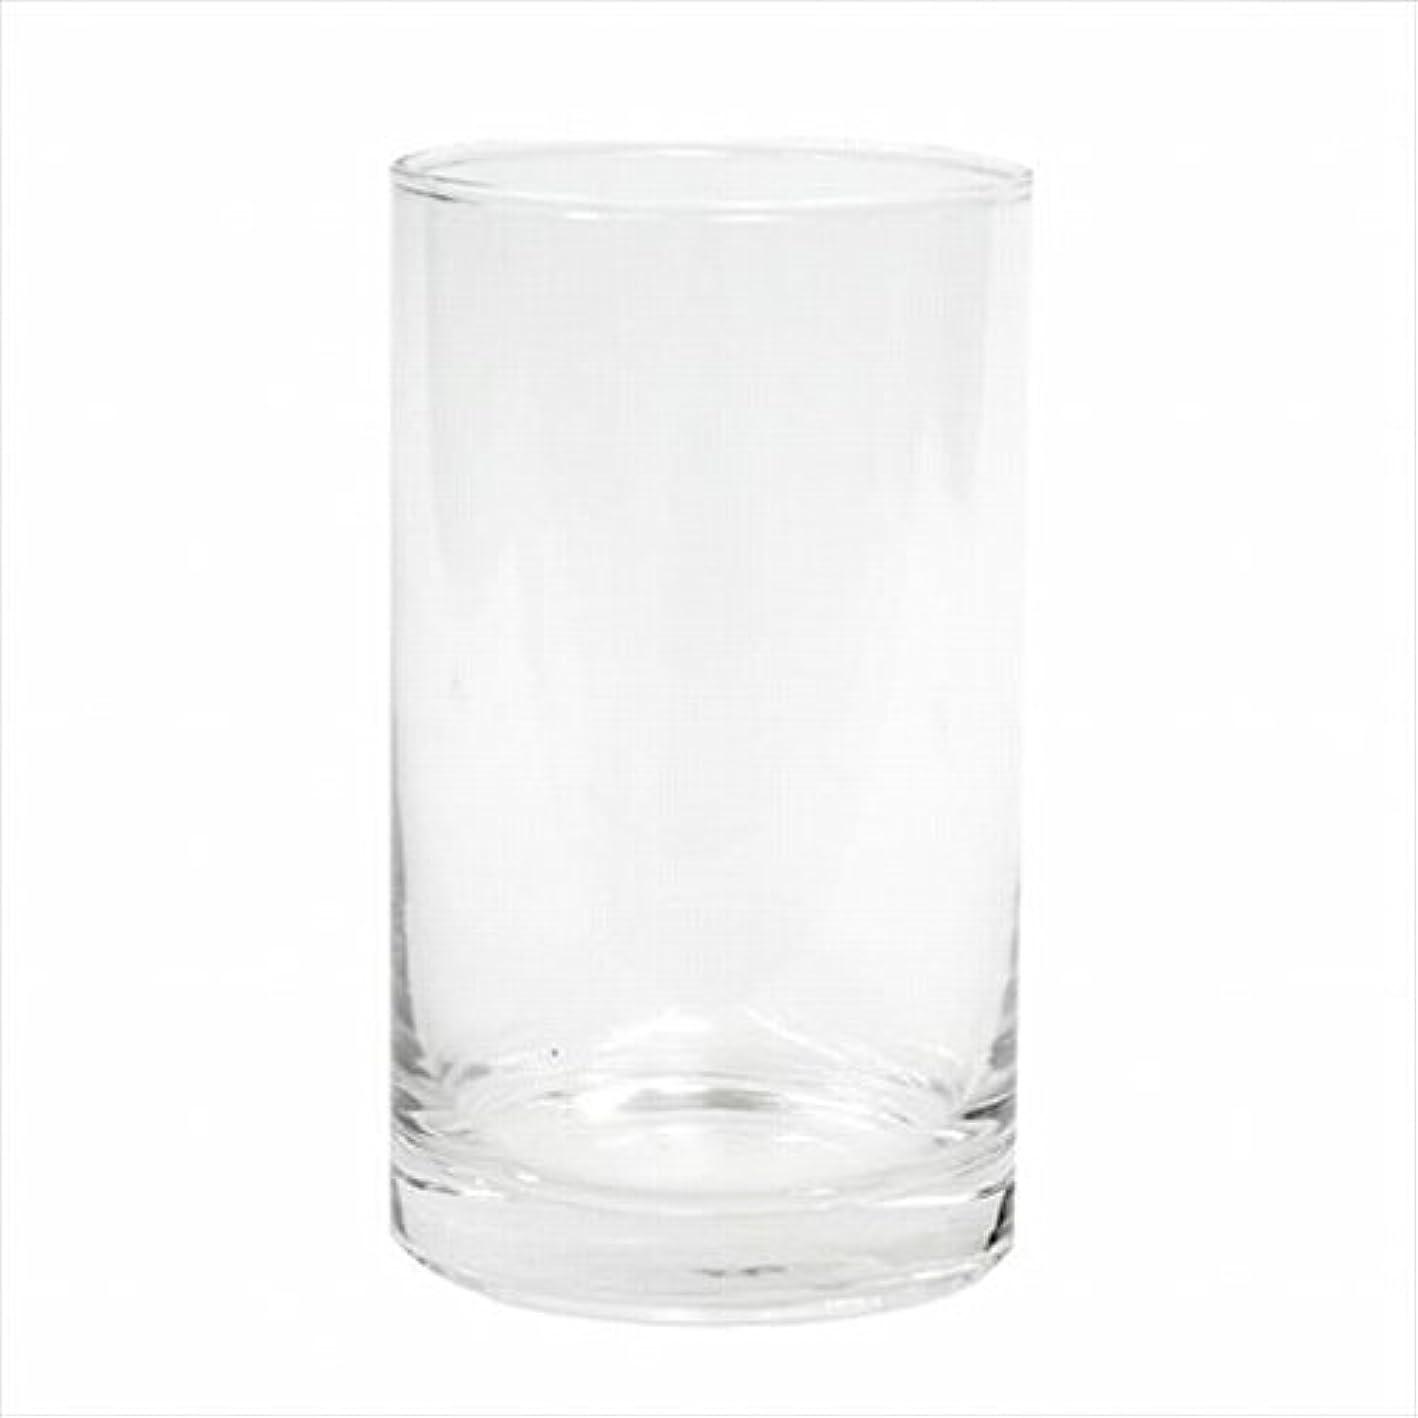 浸す寝てる必要カメヤマキャンドル(kameyama candle) モルカグラスS